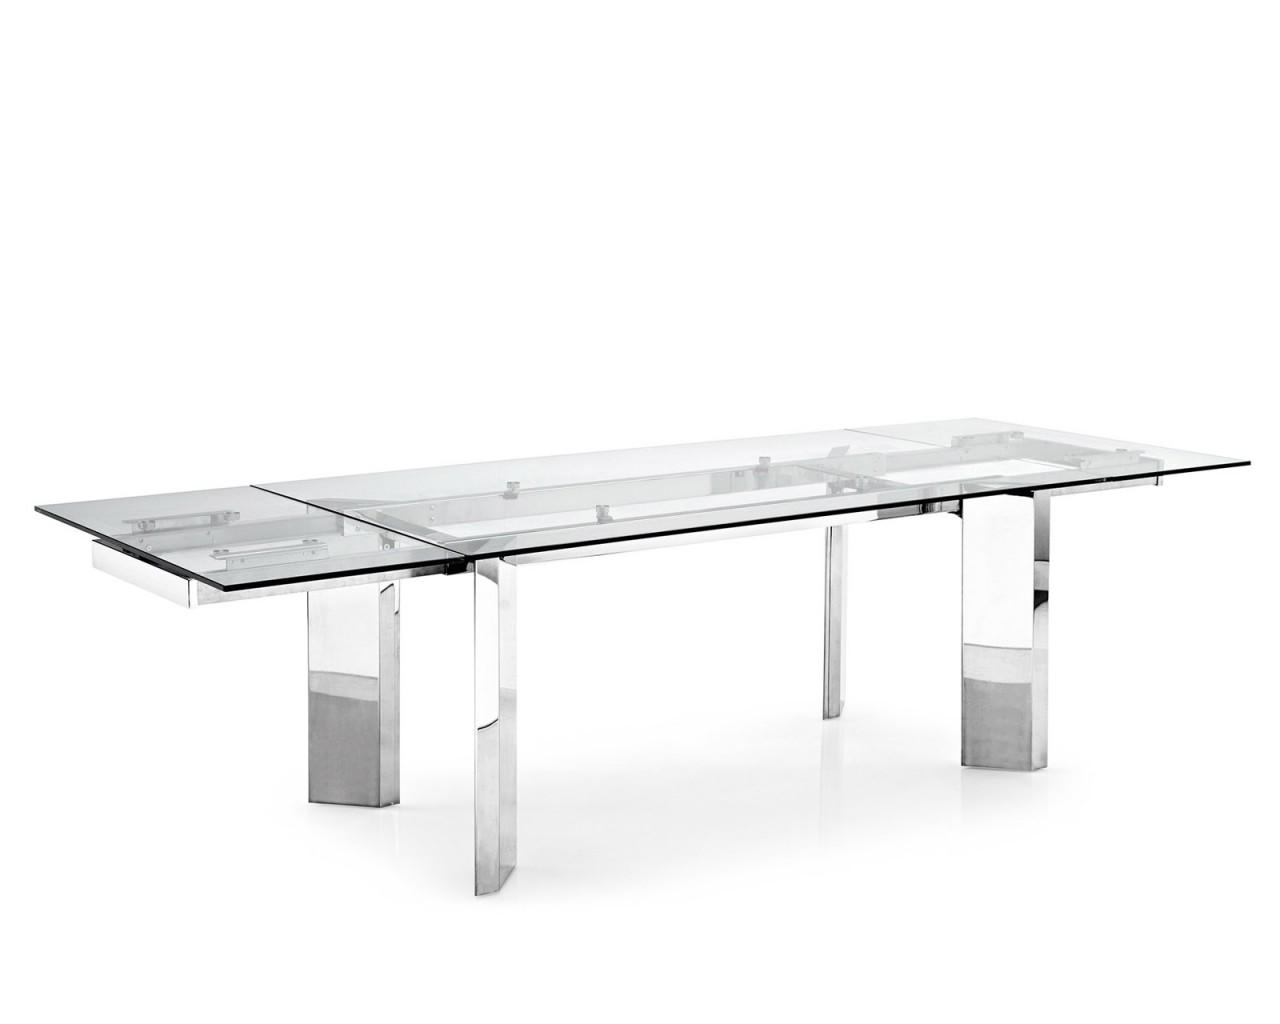 Tower tavolo allungabile tavoli torino calligaris arredamenti traiano - Tavolo allungabile calligaris ...